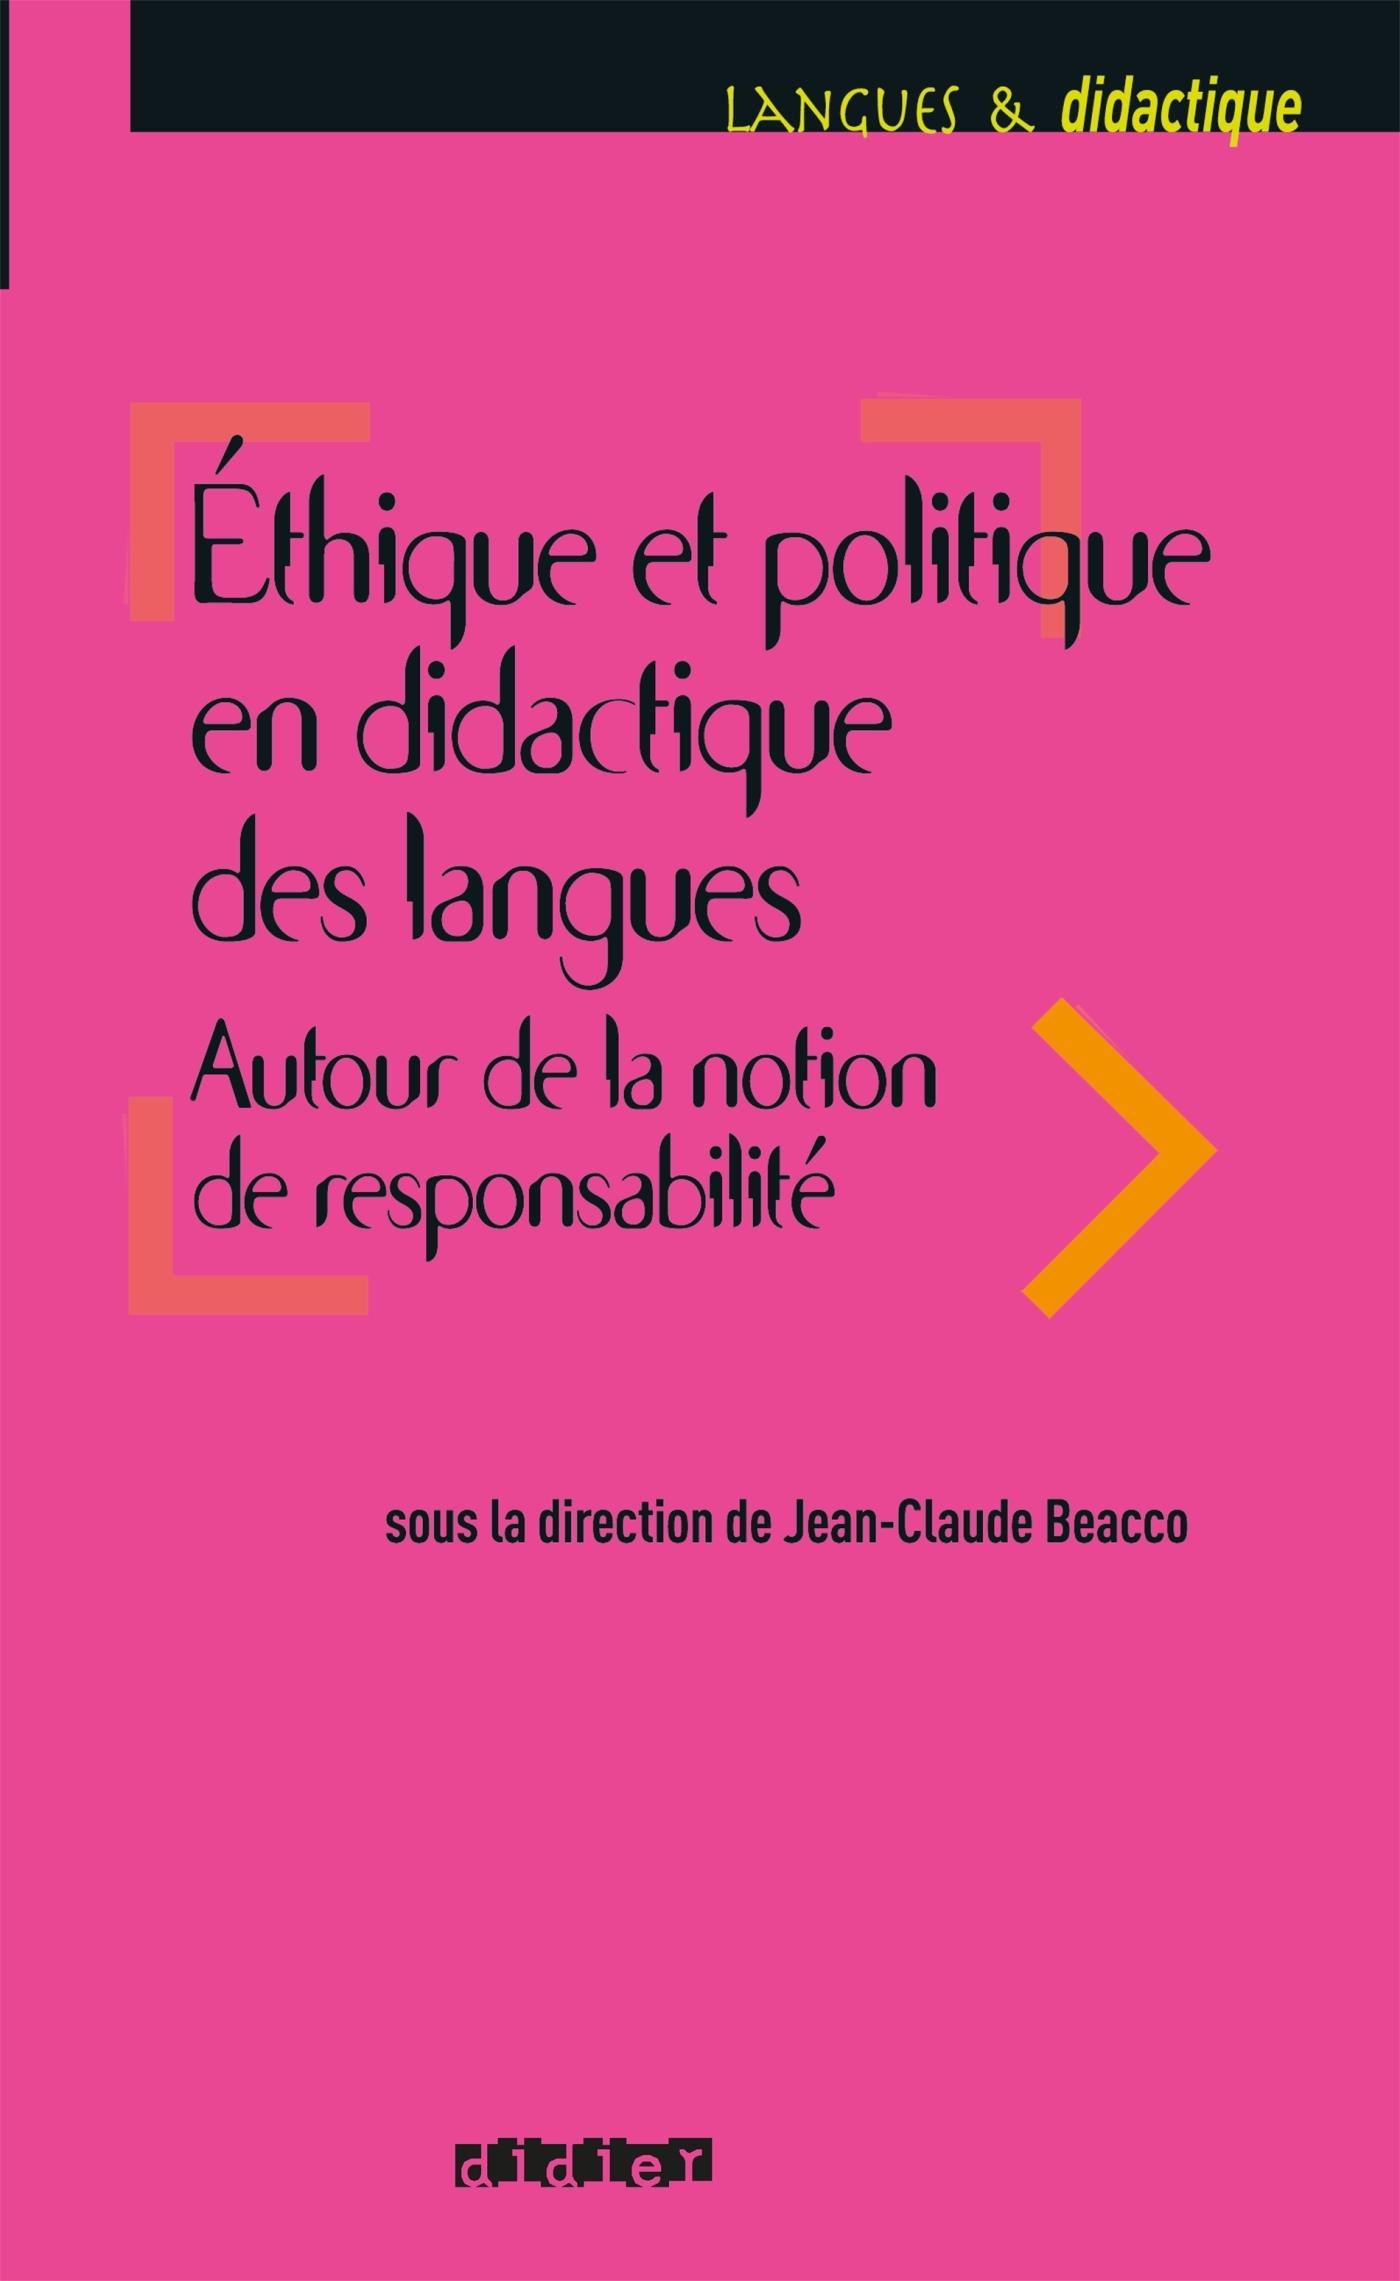 ETHIQUE ET POLITIQUE EN DIDACTIQUE DES LANGUES - LIVRE